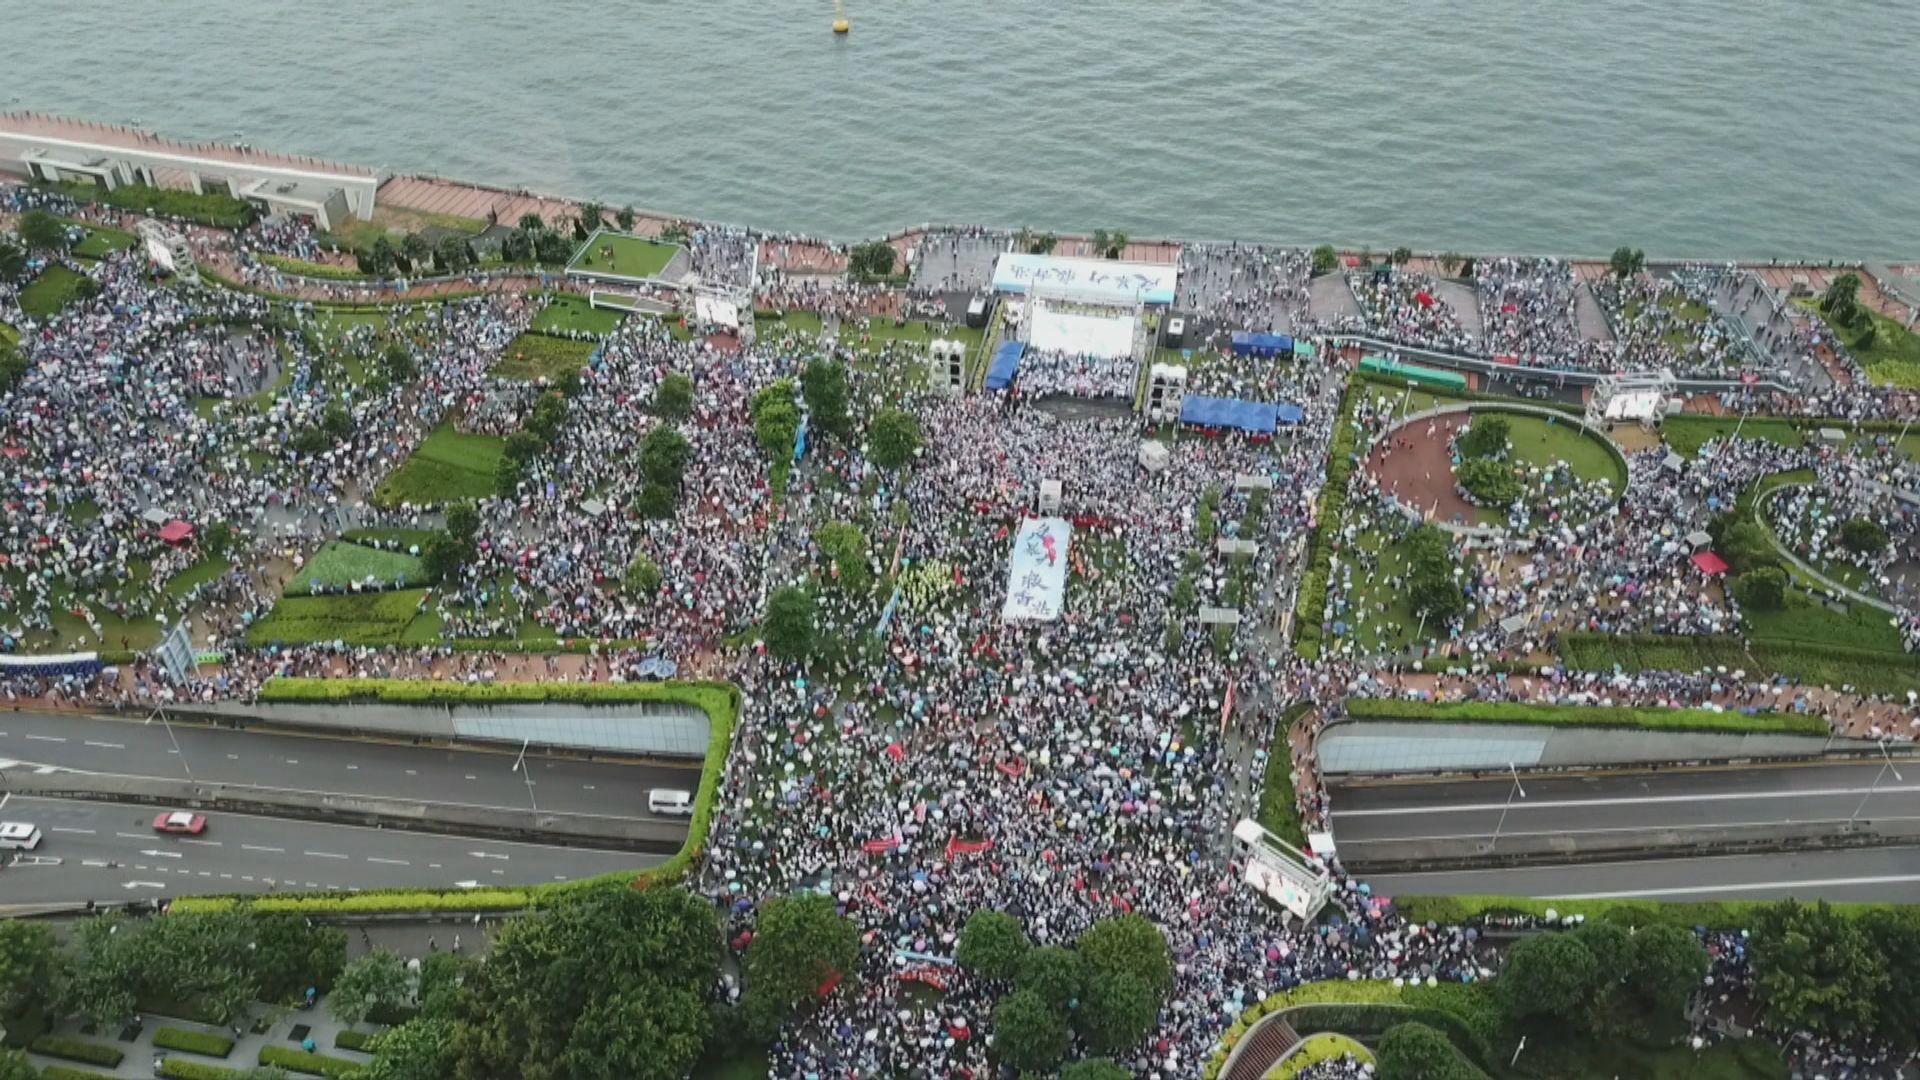 守護香港集會 大會稱47.6萬人出席